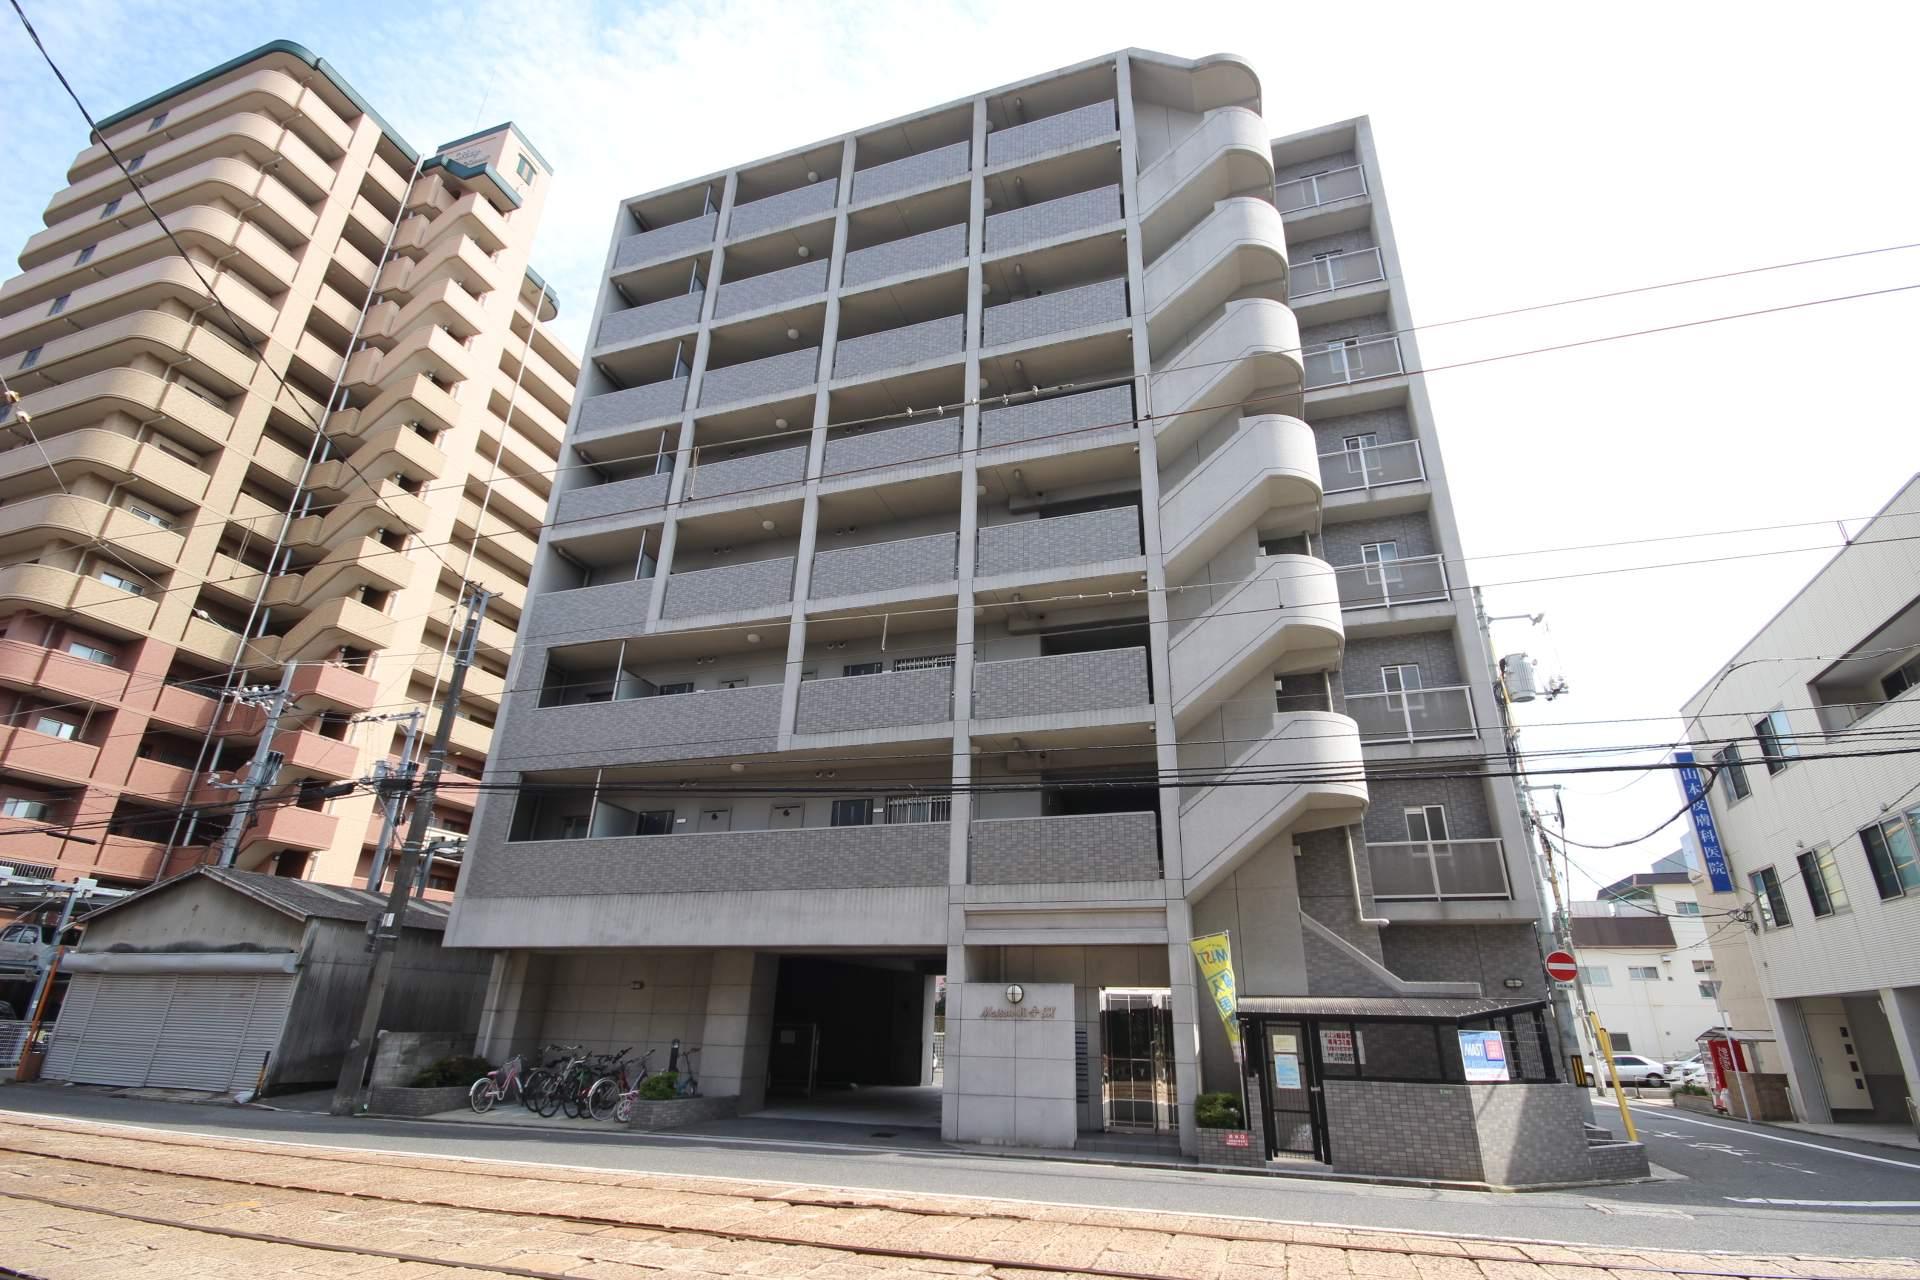 広島県広島市西区、天満町駅徒歩3分の築15年 8階建の賃貸マンション